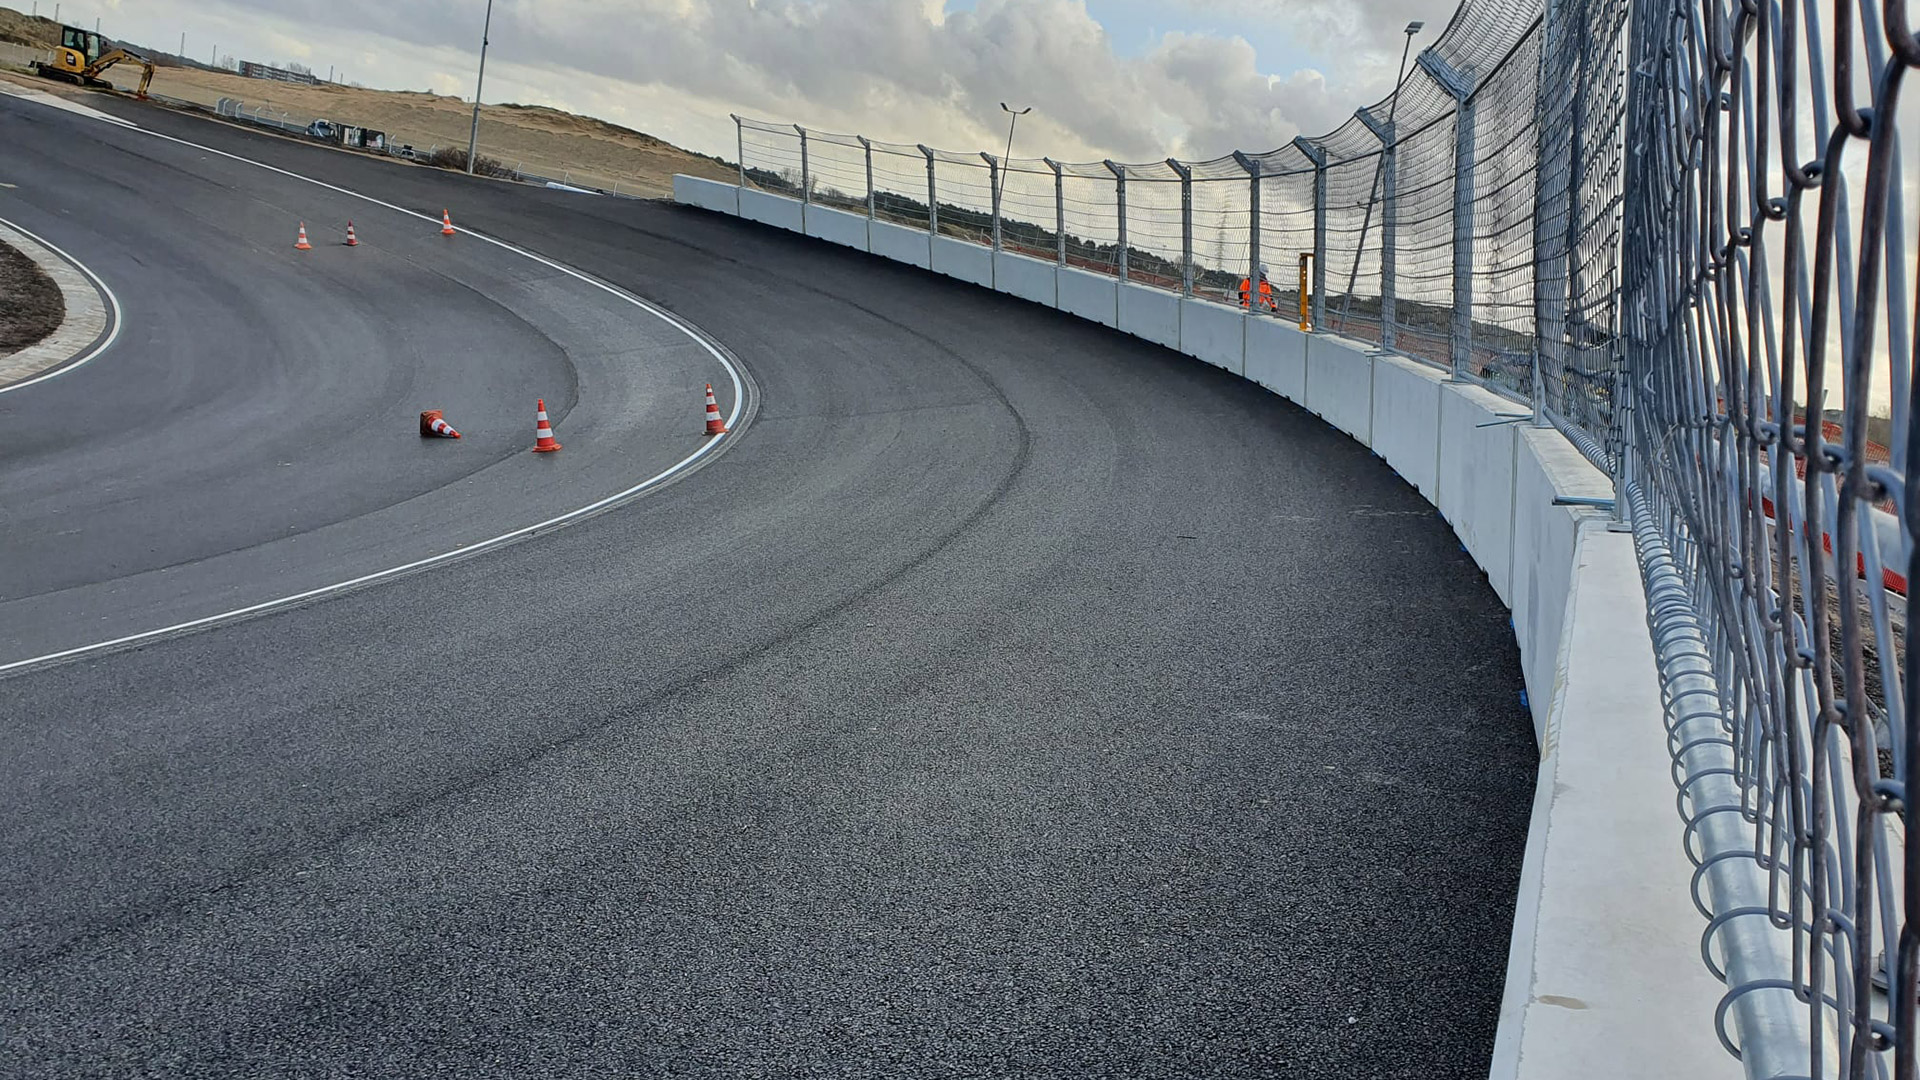 F1オランダGP ザントフォールト バンクコーナー 画像(2)